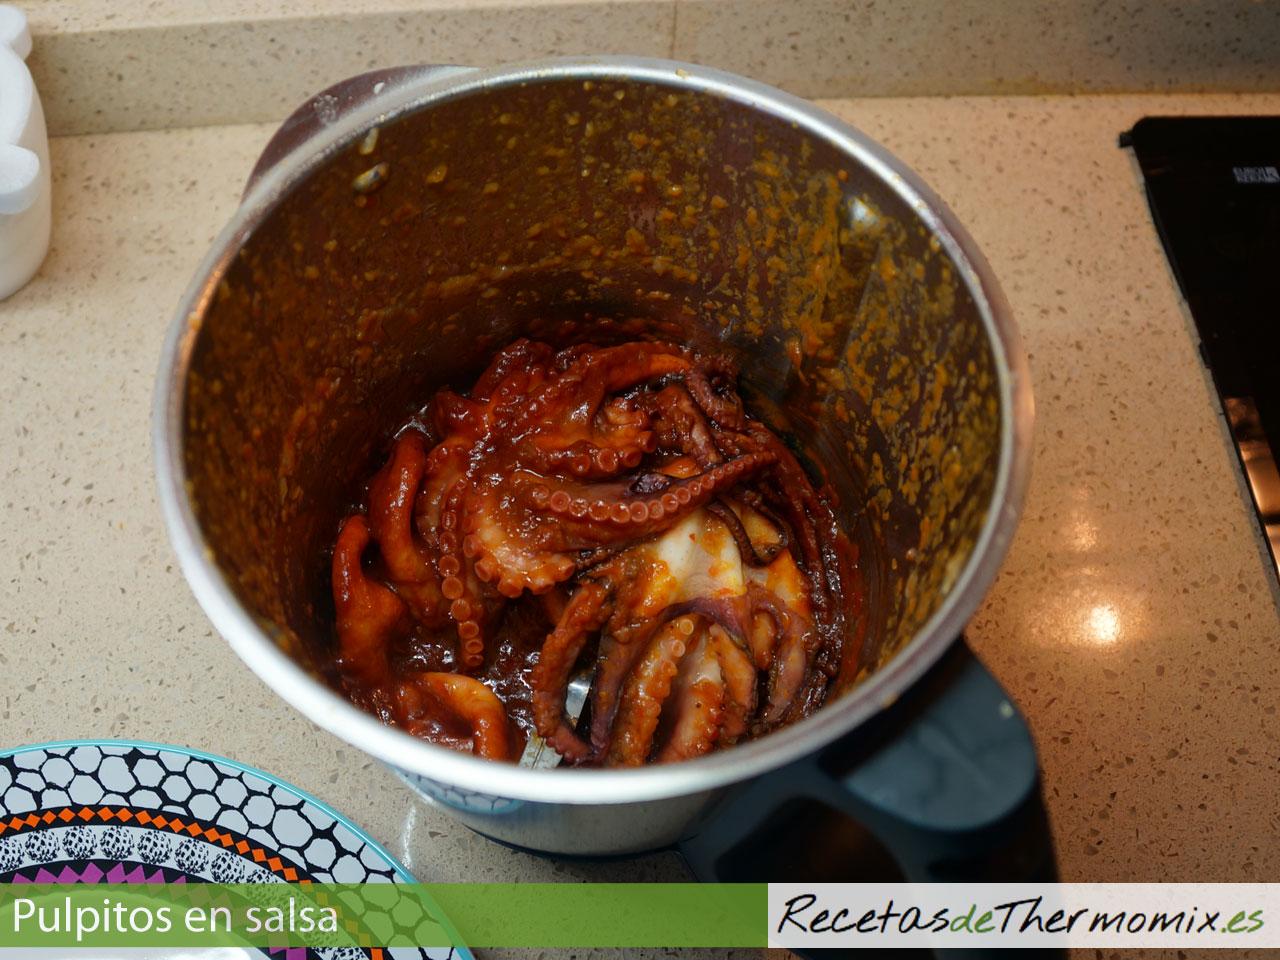 Cómo hacer pulpitos en salsa con Thermomix